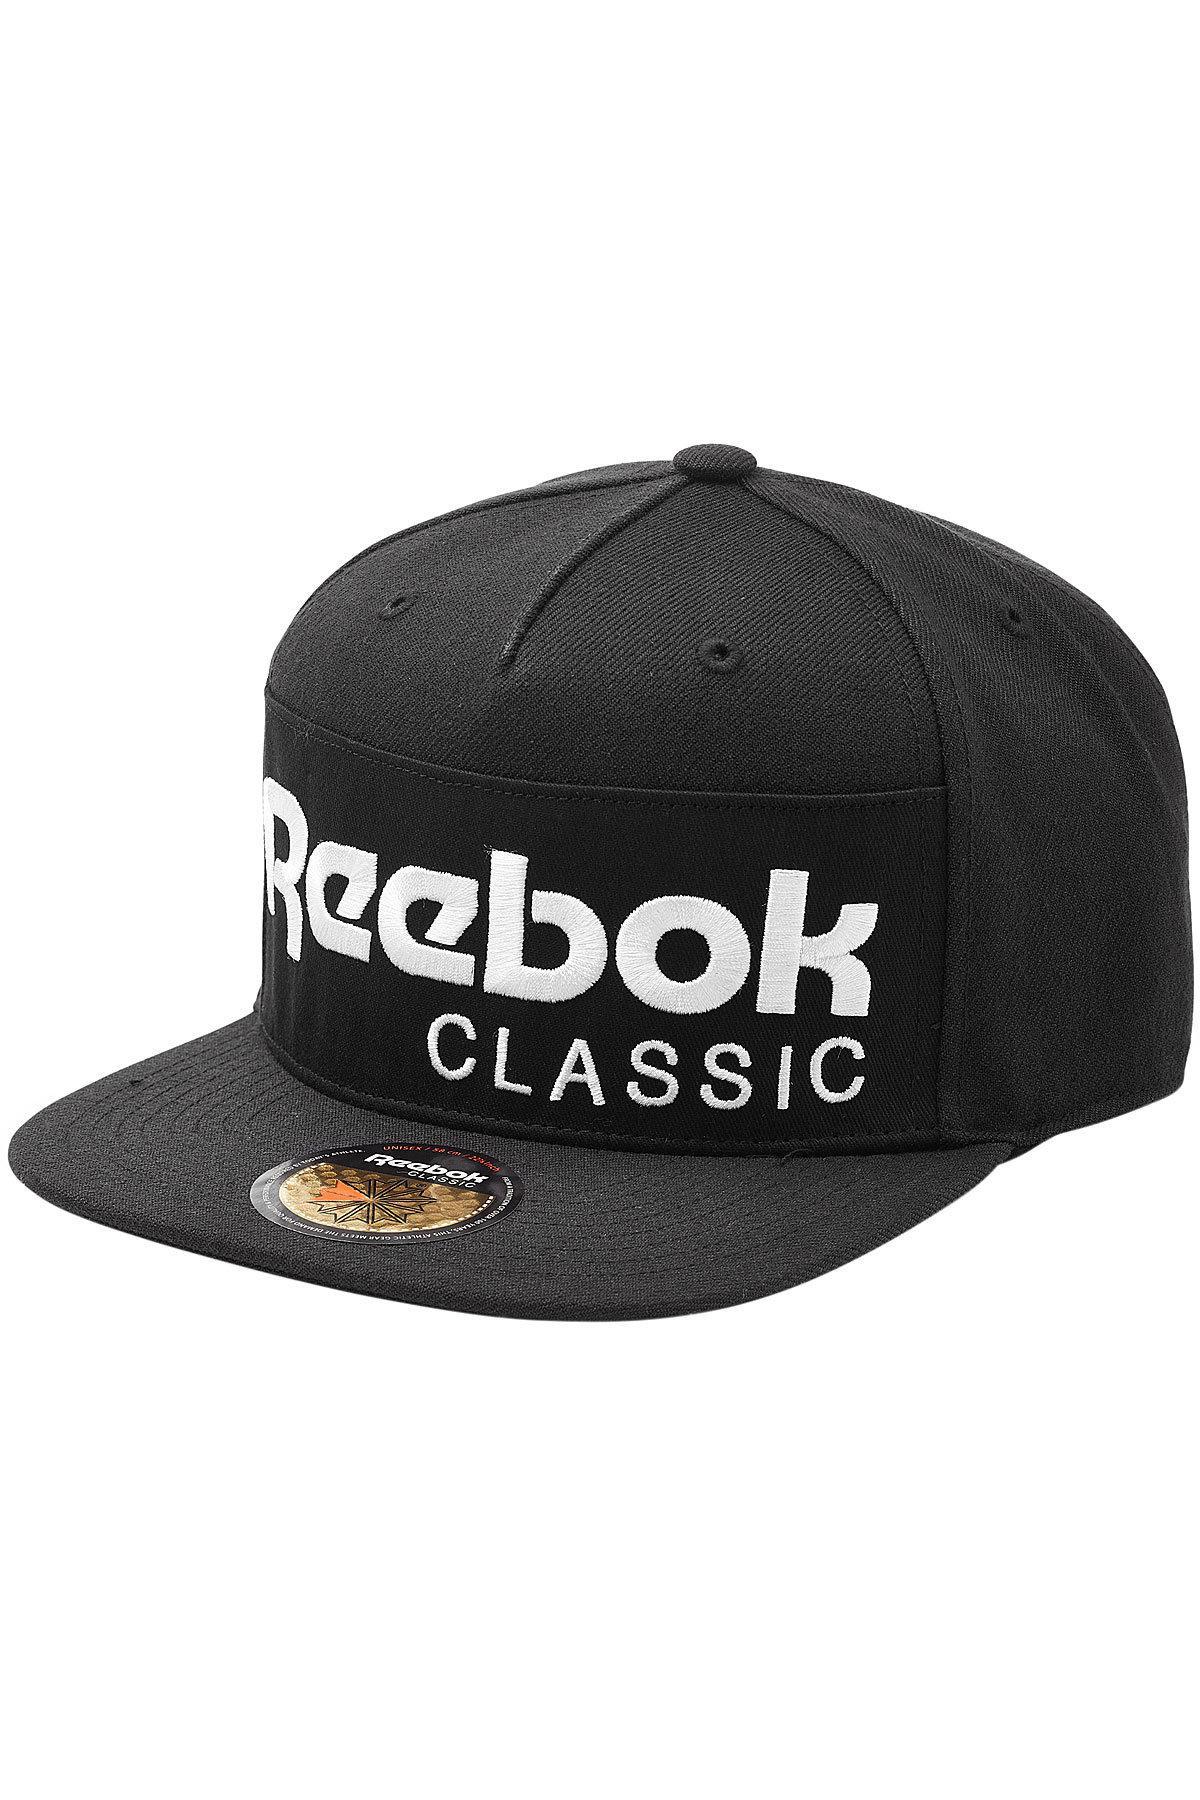 8fb2492877d Reebok Printed Baseball Cap in Black for Men - Lyst